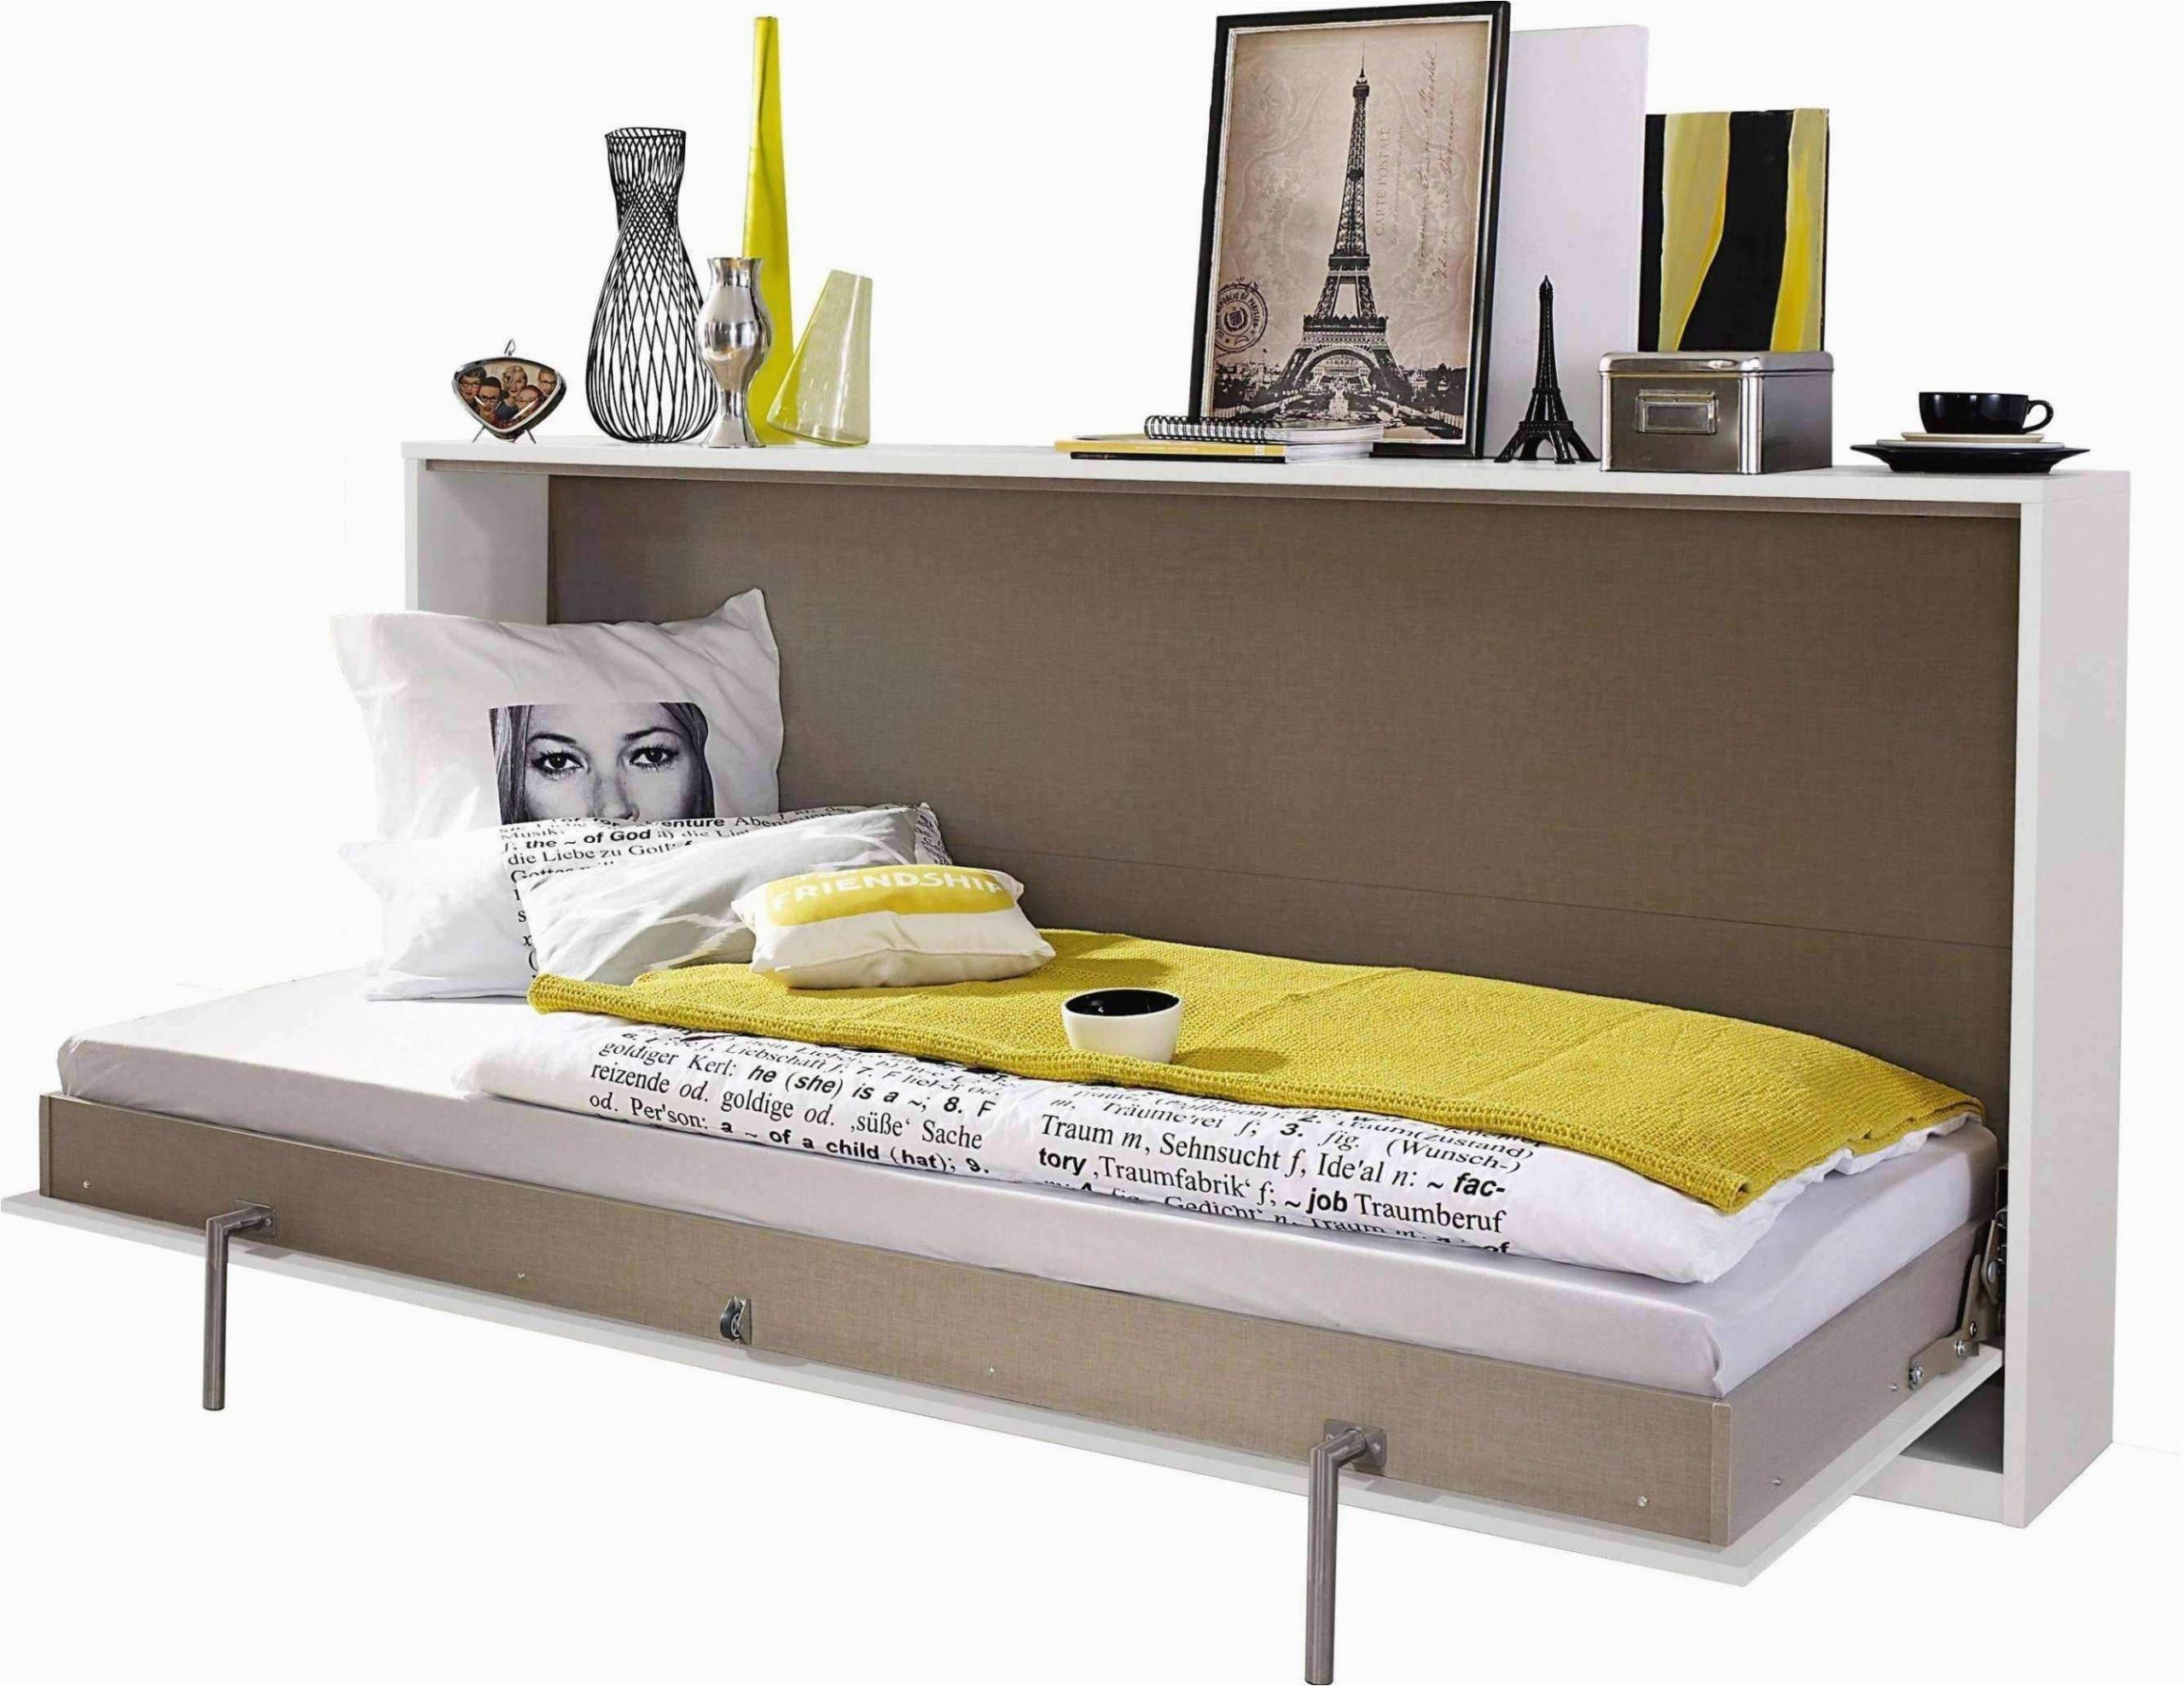 wohnzimmer holzmobel frisch einzigartig wohnzimmer holzmobel of wohnzimmer holzmobel scaled